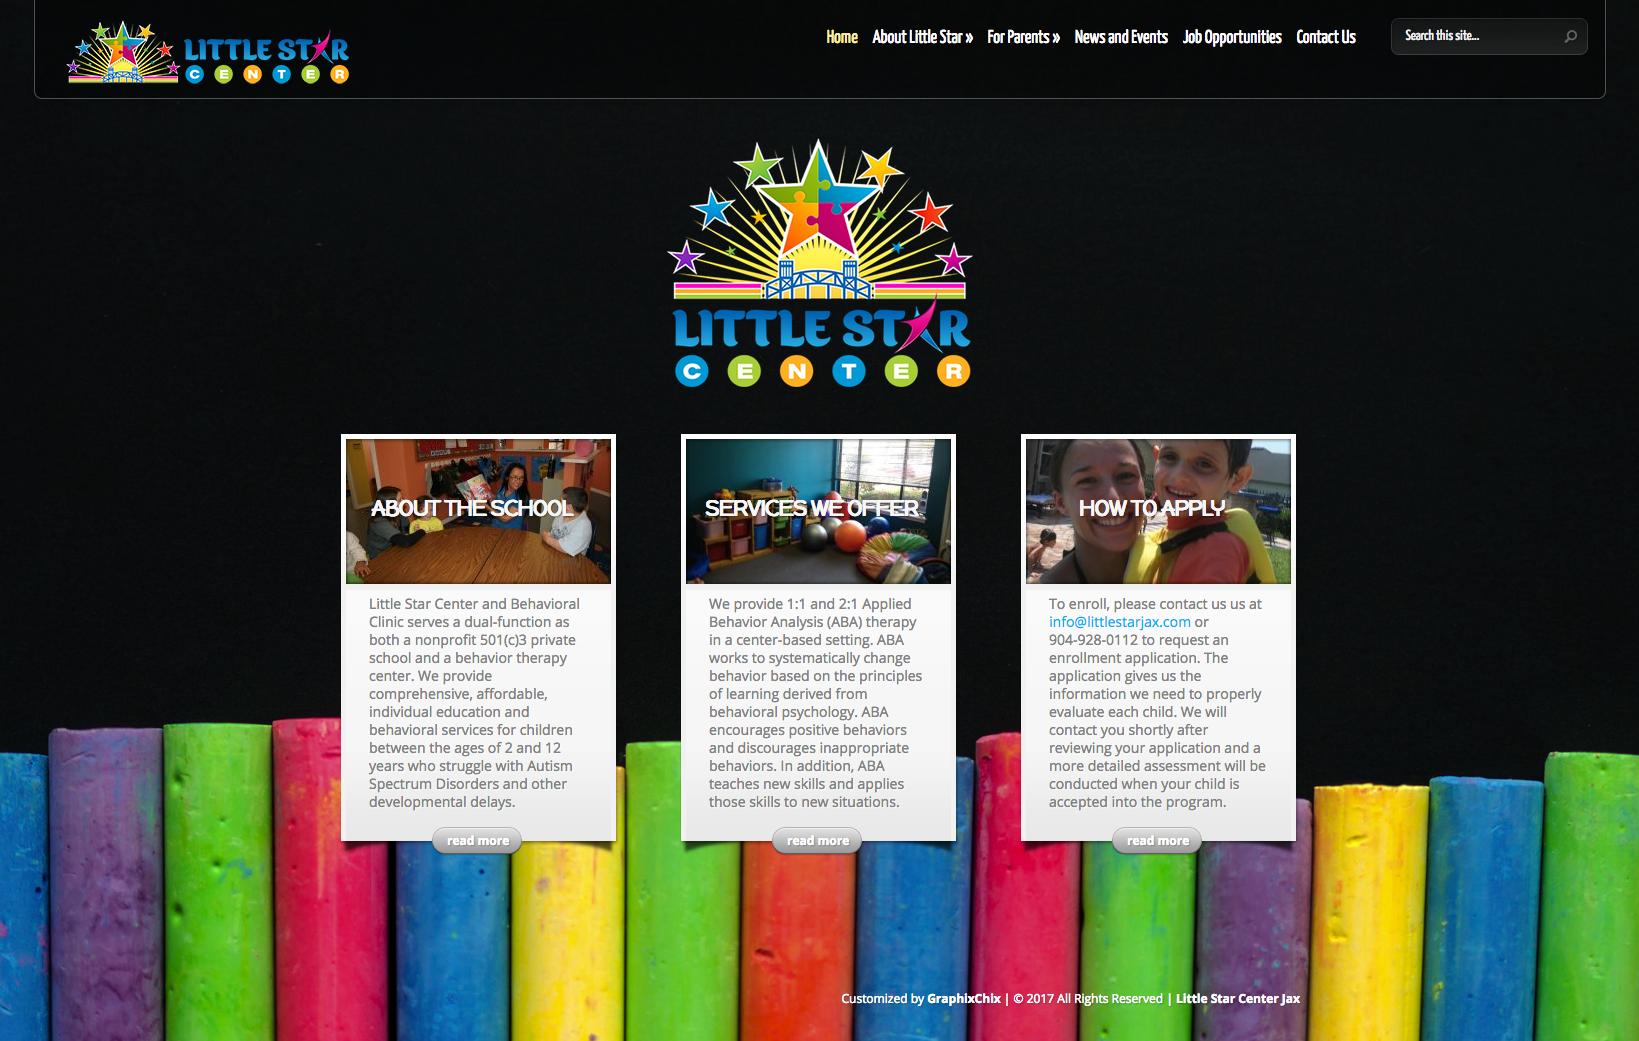 Little Star Website | 2015 Update